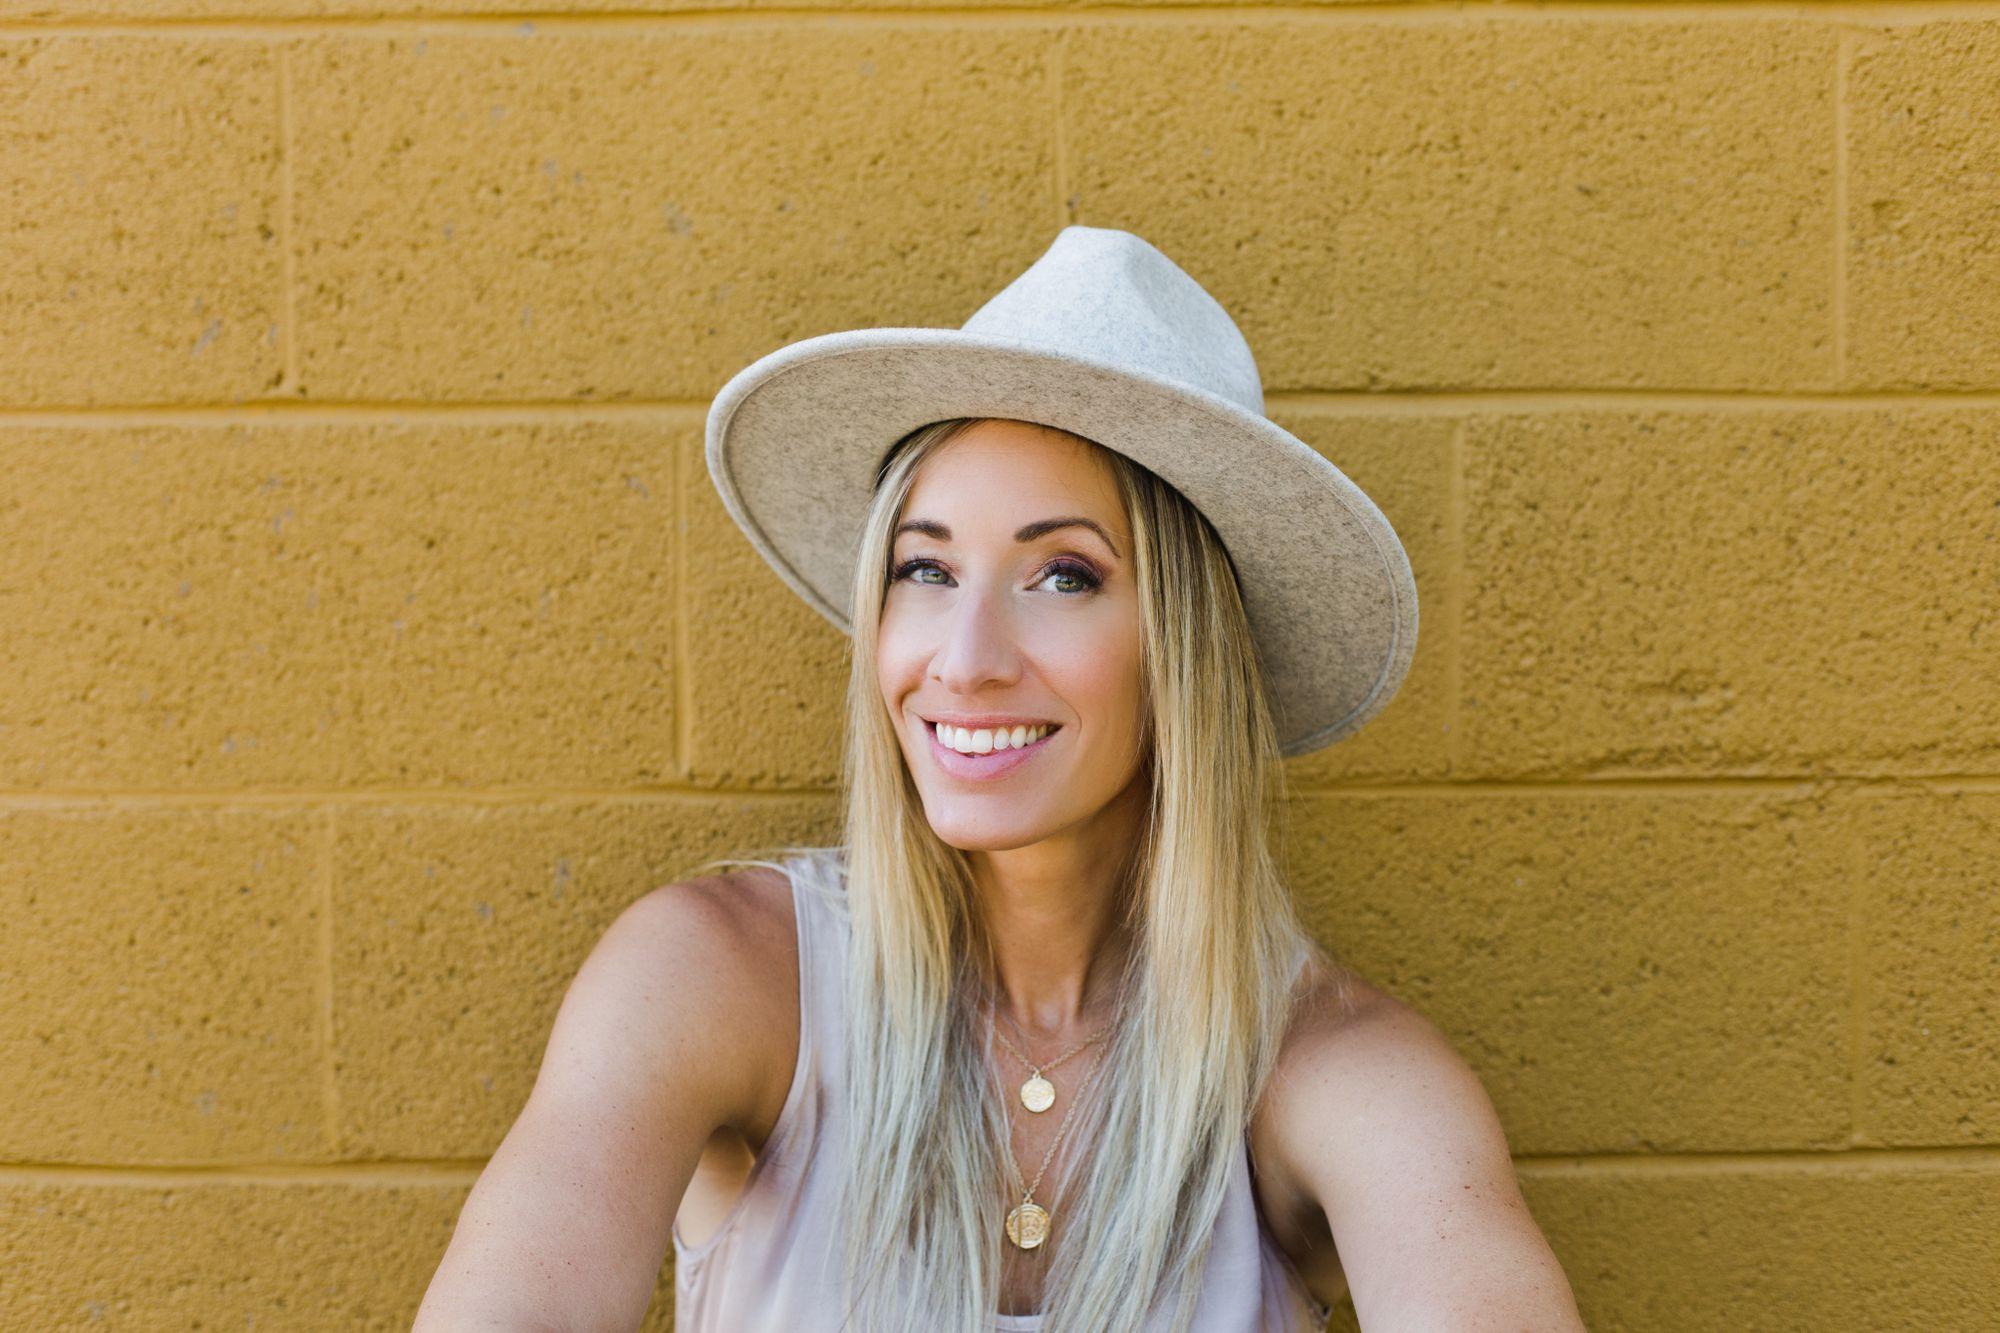 Managing your public image & business - Renée Warren